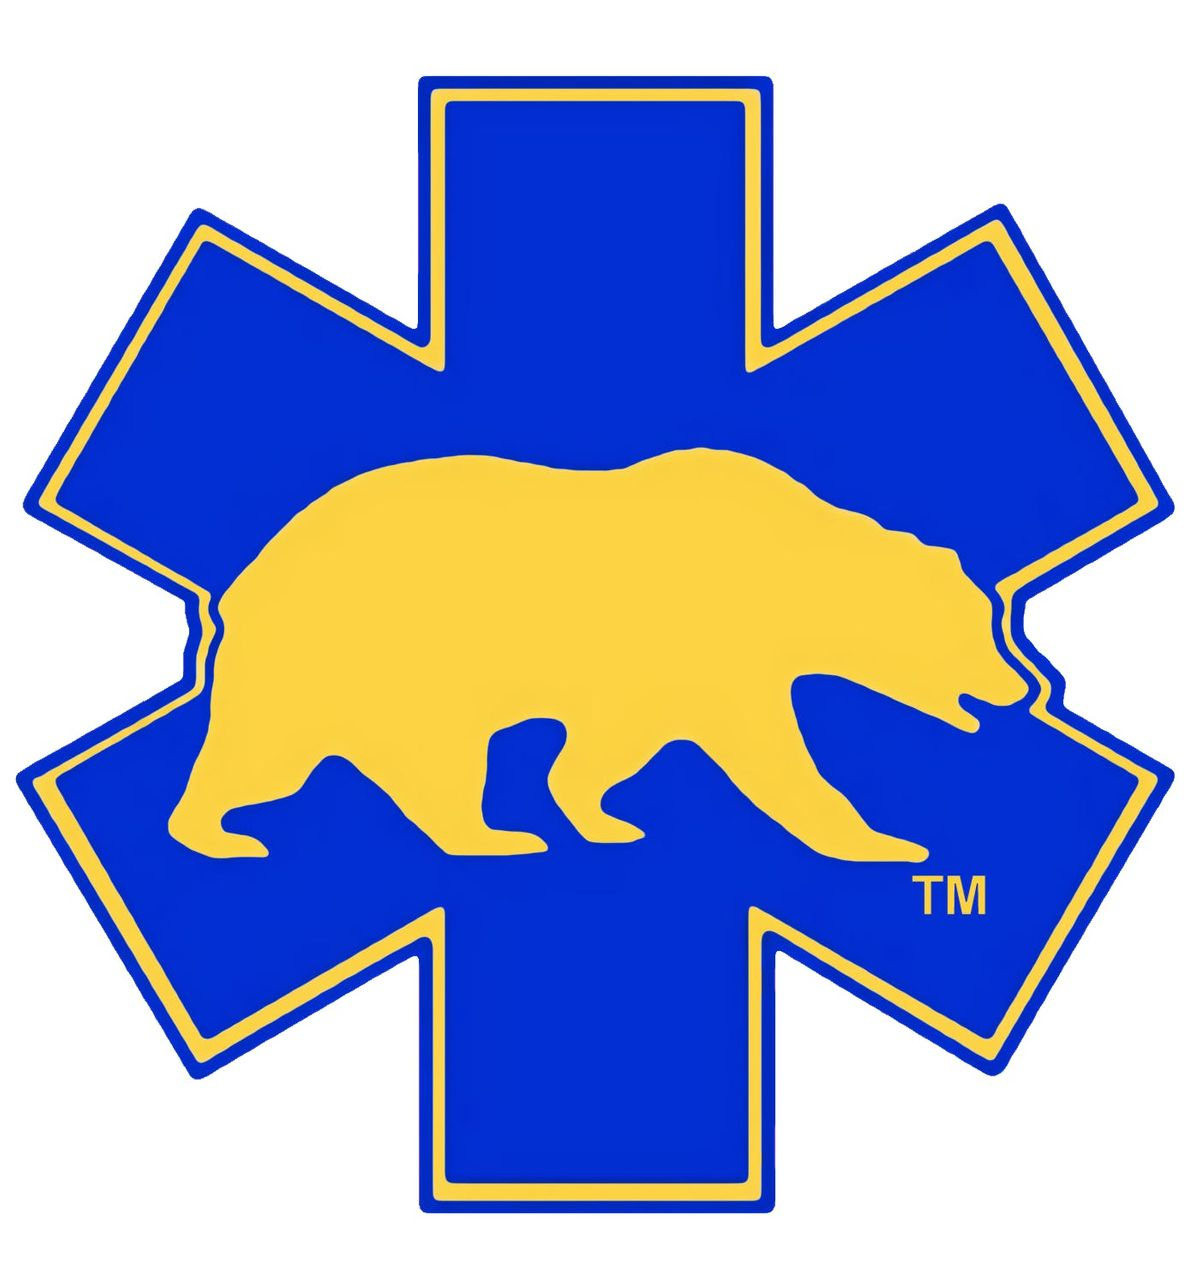 BMRC CPR Class (AHA Heartsaver) 2-24-19